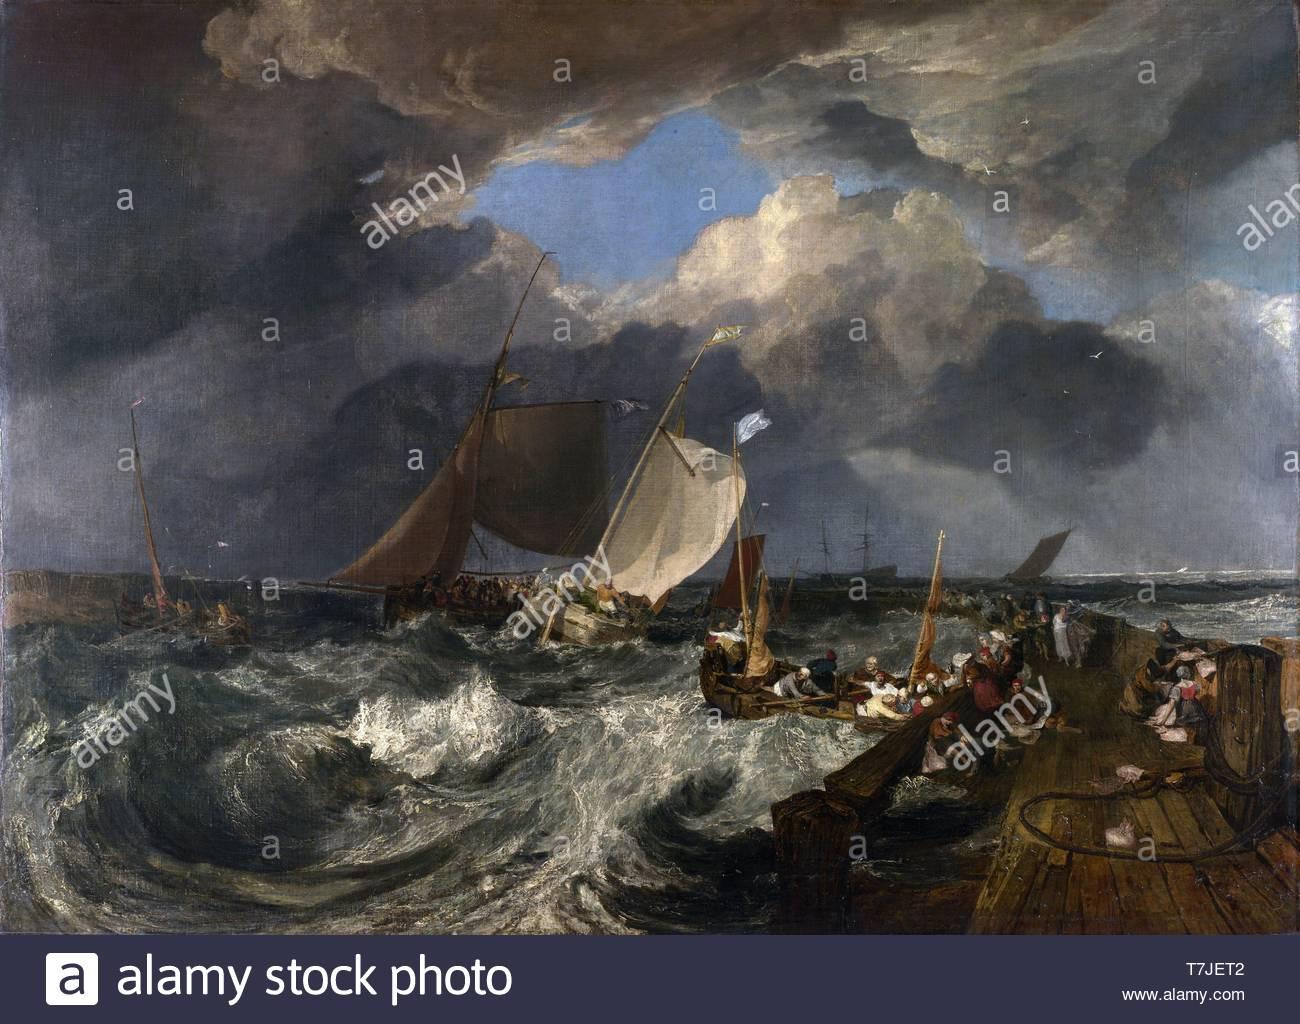 Joseph-Mallord-William-Turner-British painter and printmaker - Stock Image